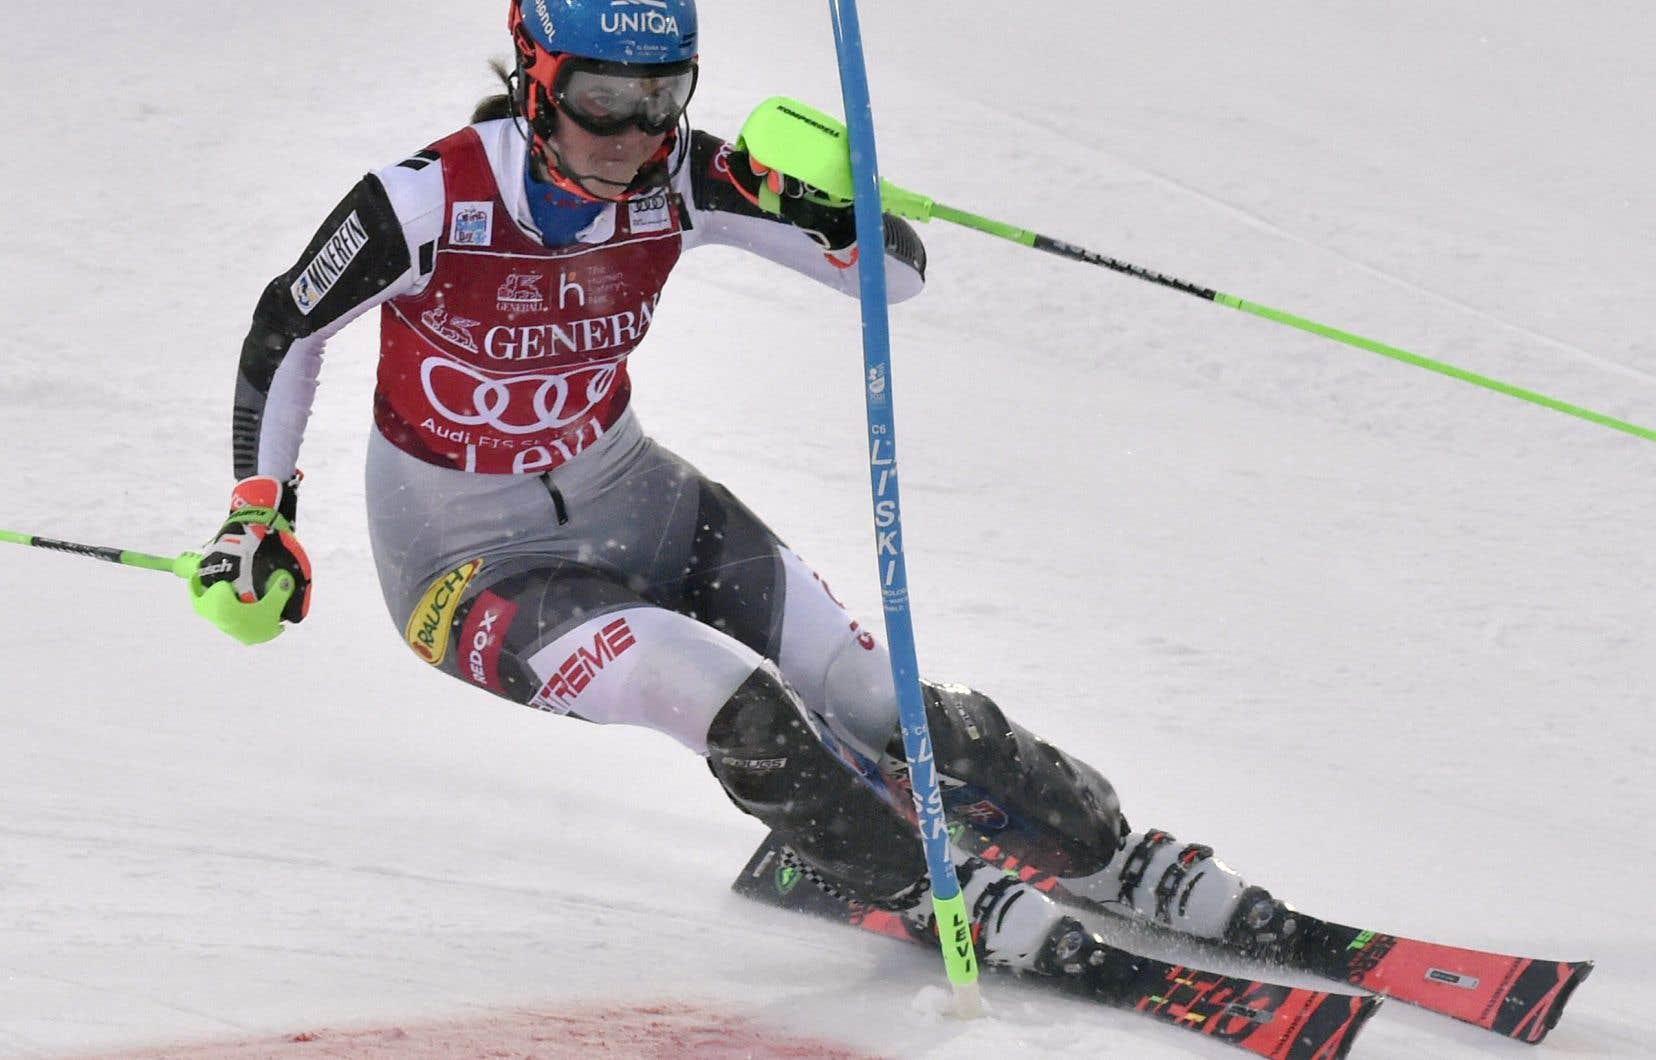 La Slovaque, âgée de 25ans, a remporté son deuxième slalom en deux jours en Finlande.